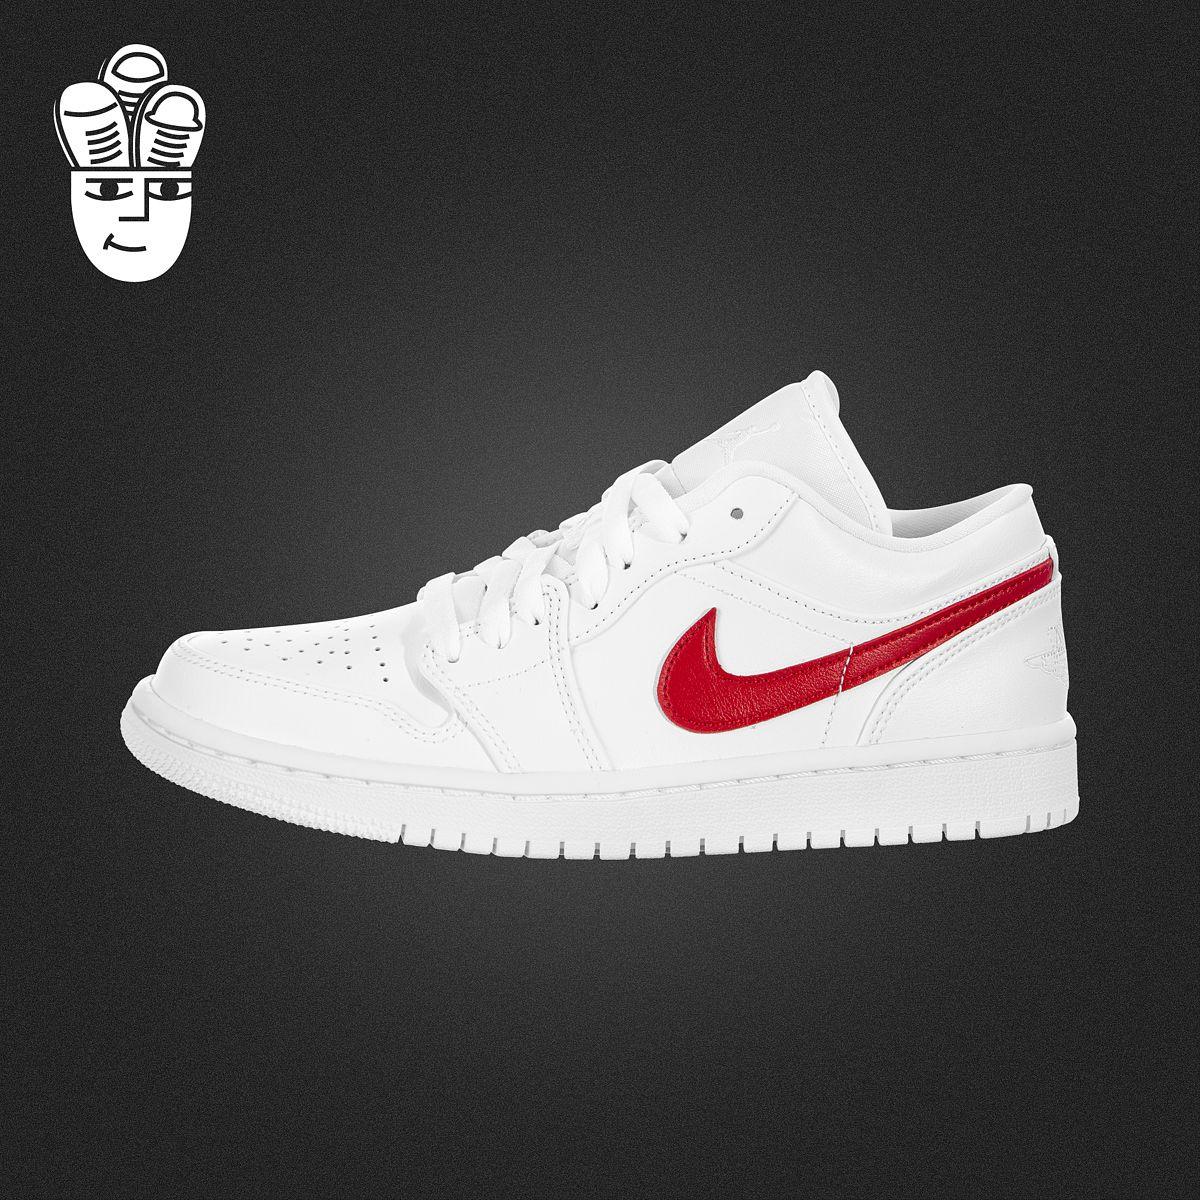 Air Jordan 1 Low AJ1女鞋 低帮板鞋 运动休闲鞋 小白鞋